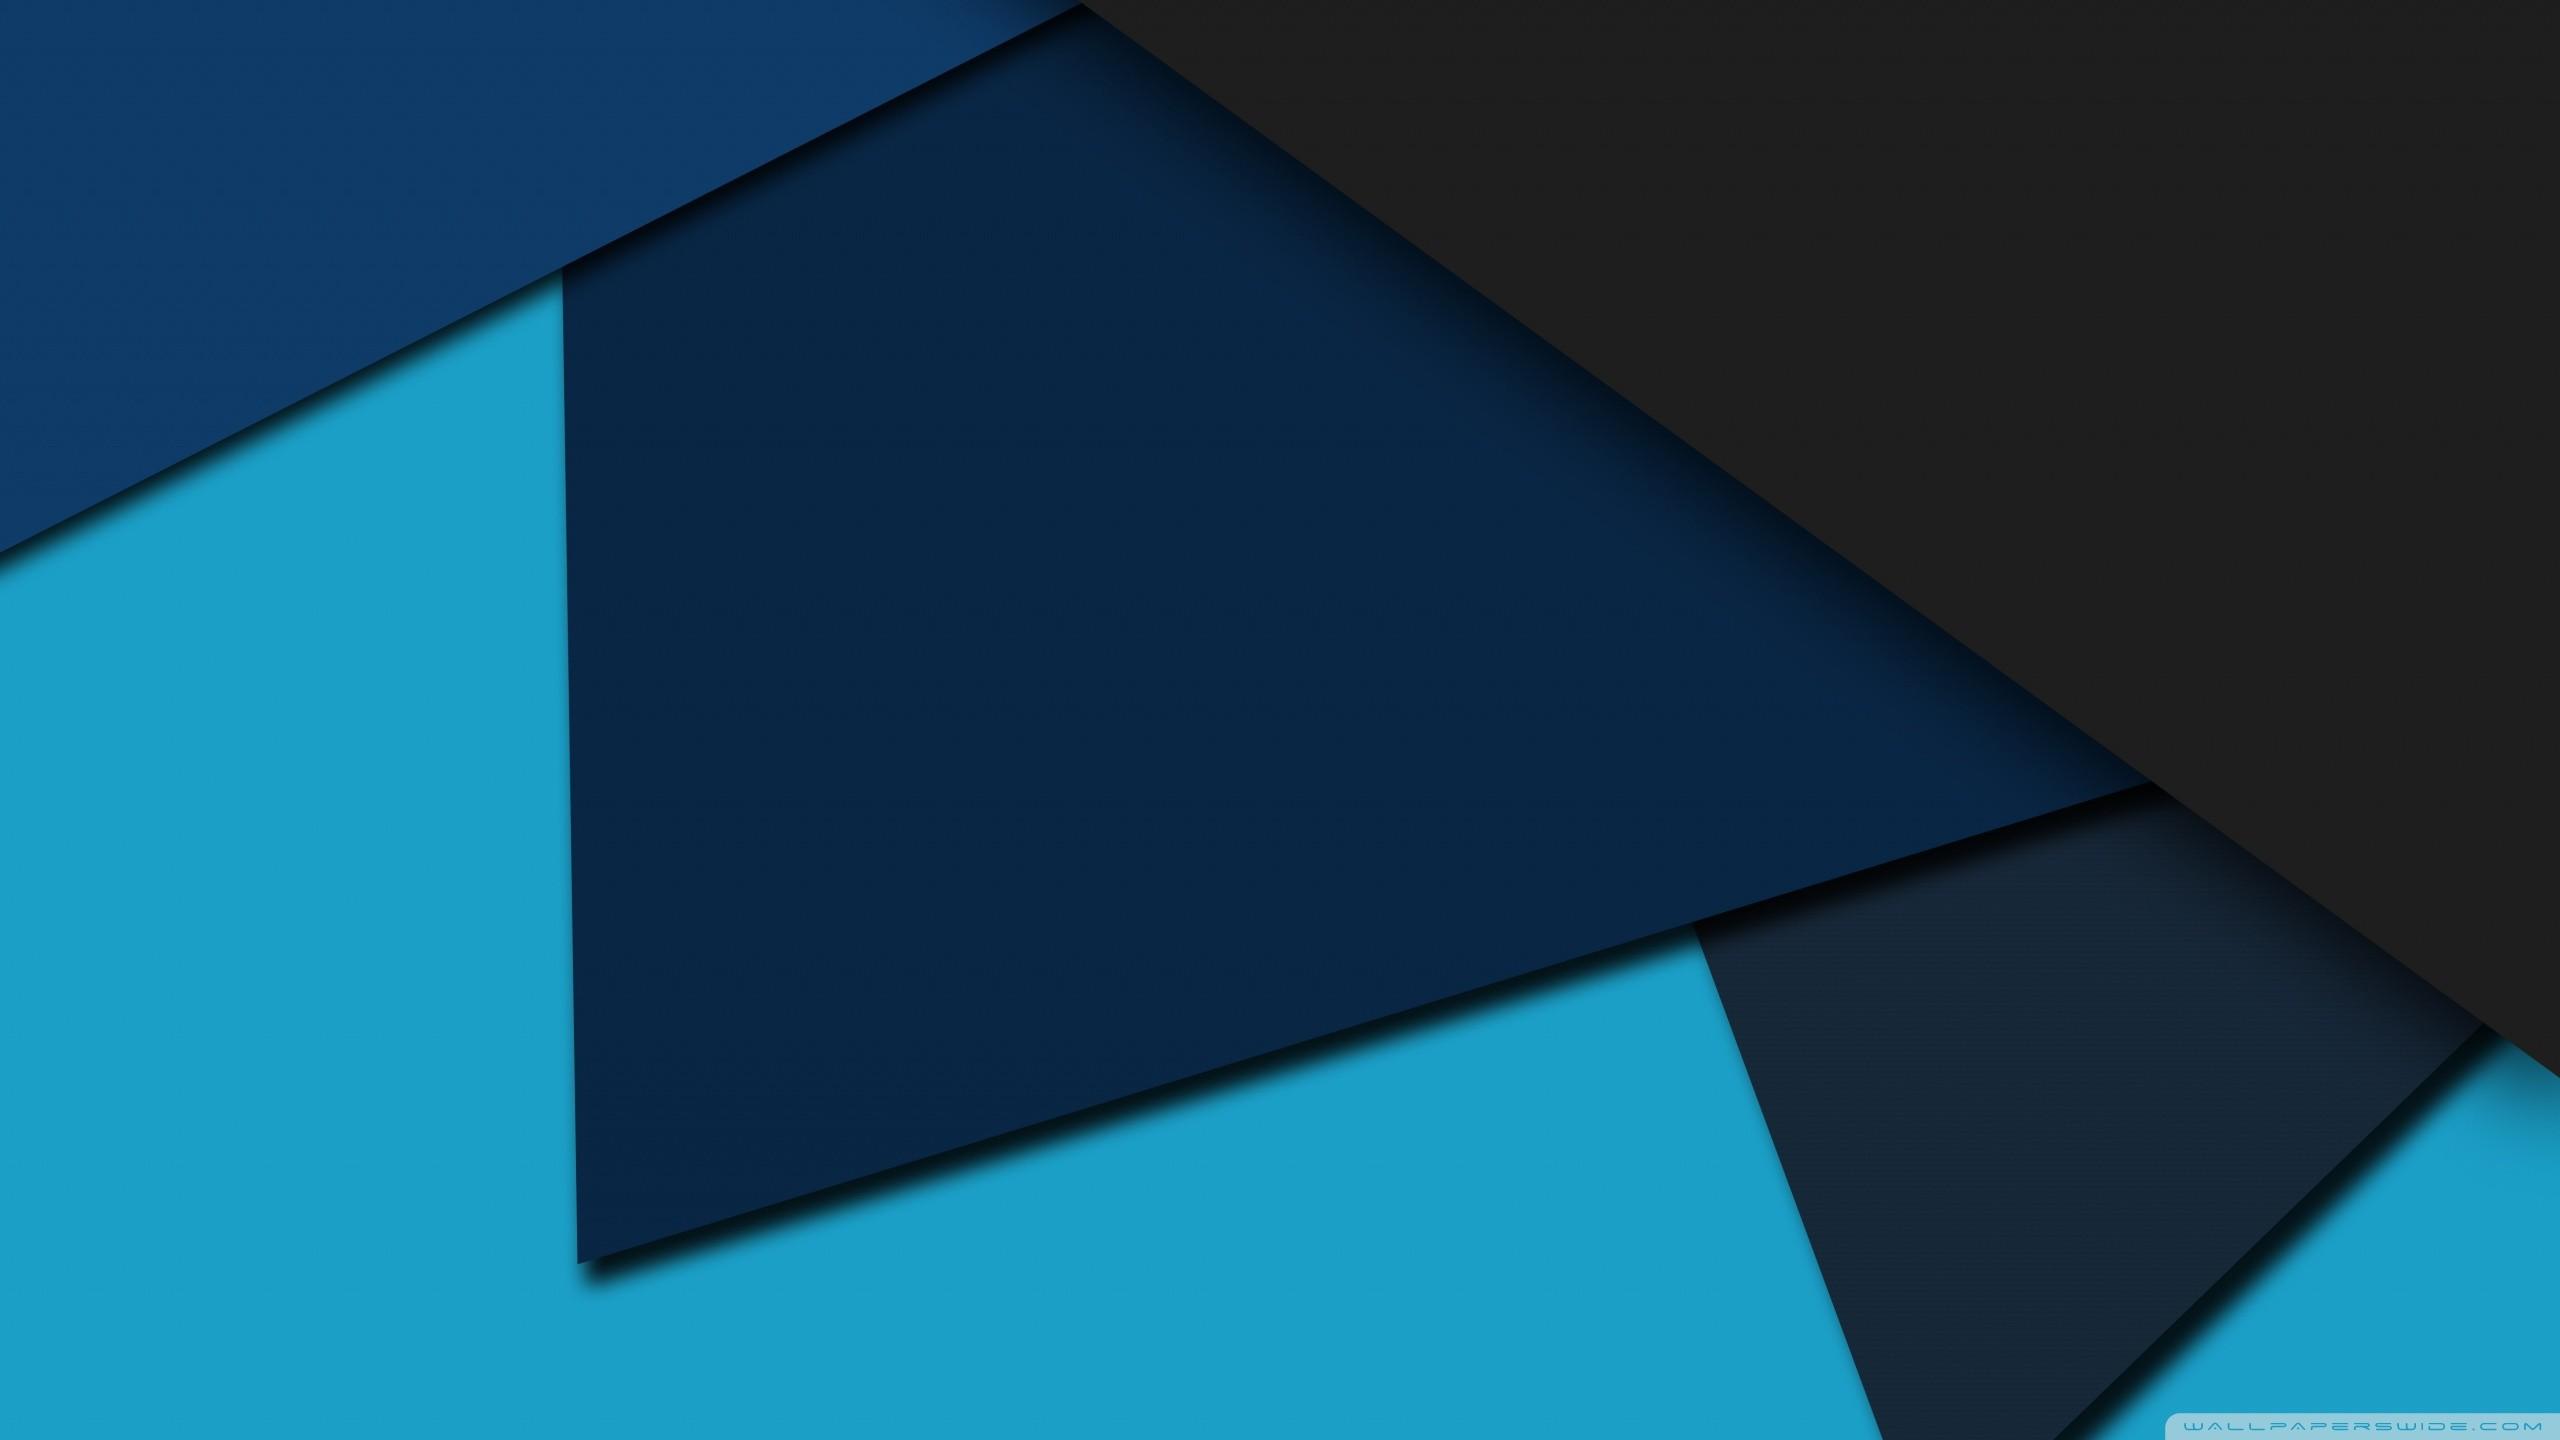 Material design material design  № 2301049 бесплатно